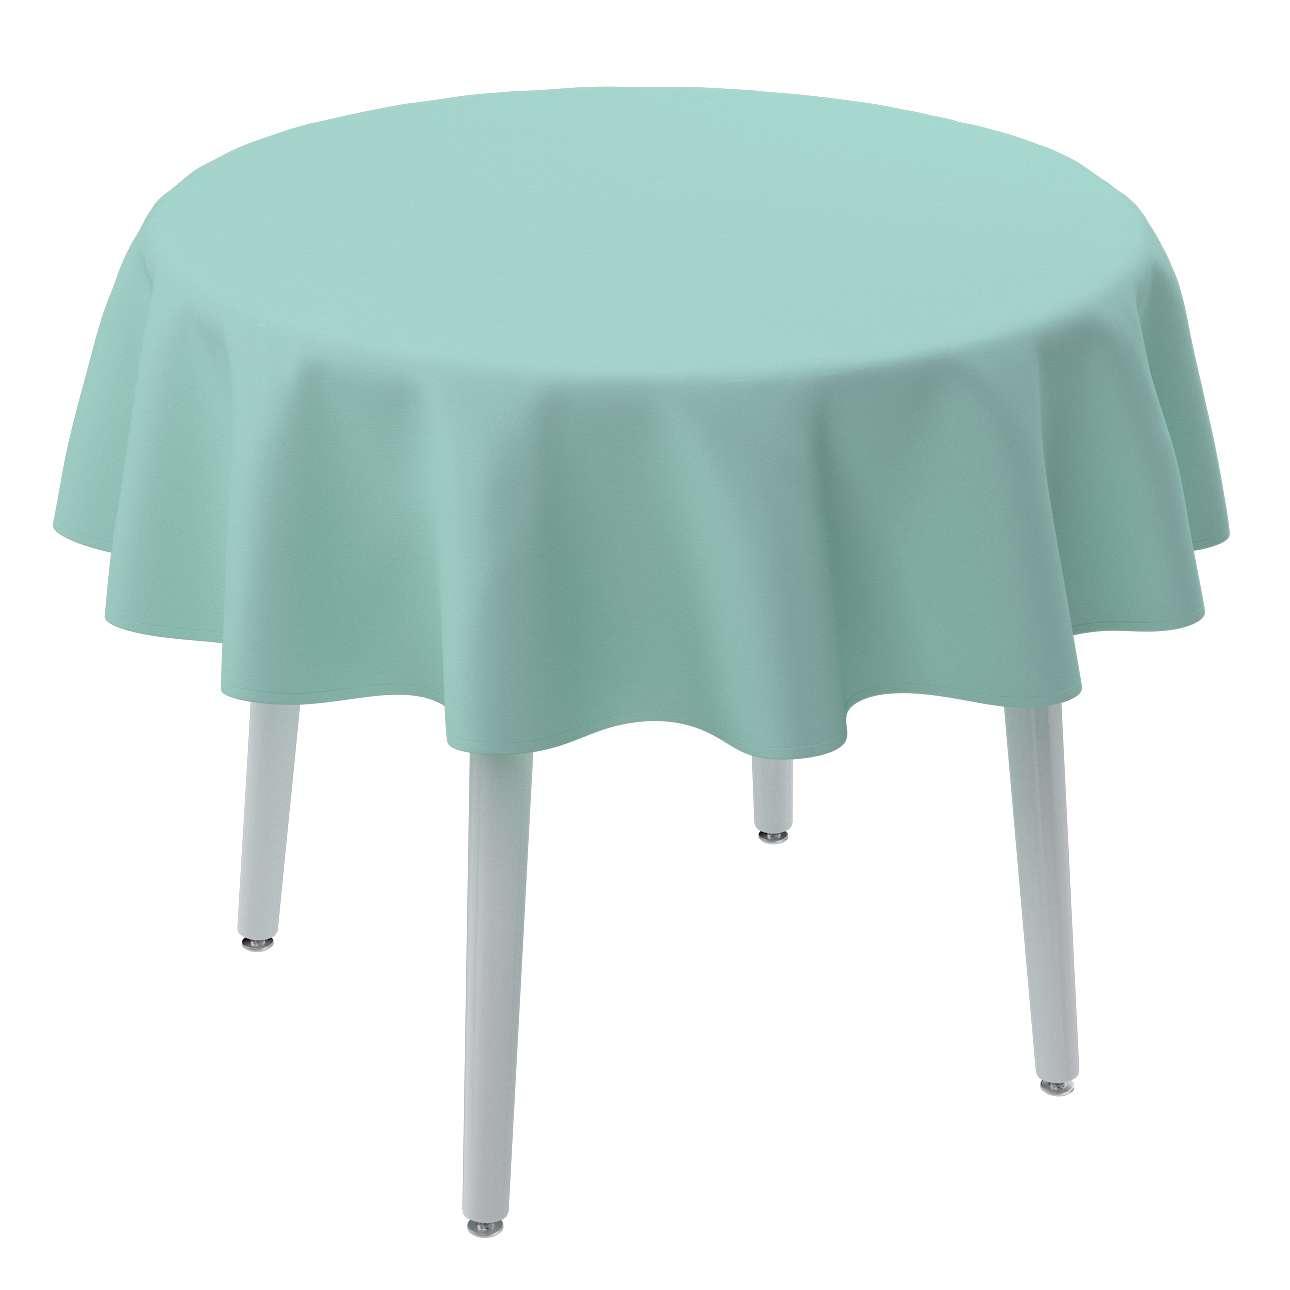 Staltiesės (apvaliam stalui) Ø 135 cm kolekcijoje Loneta , audinys: 133-32